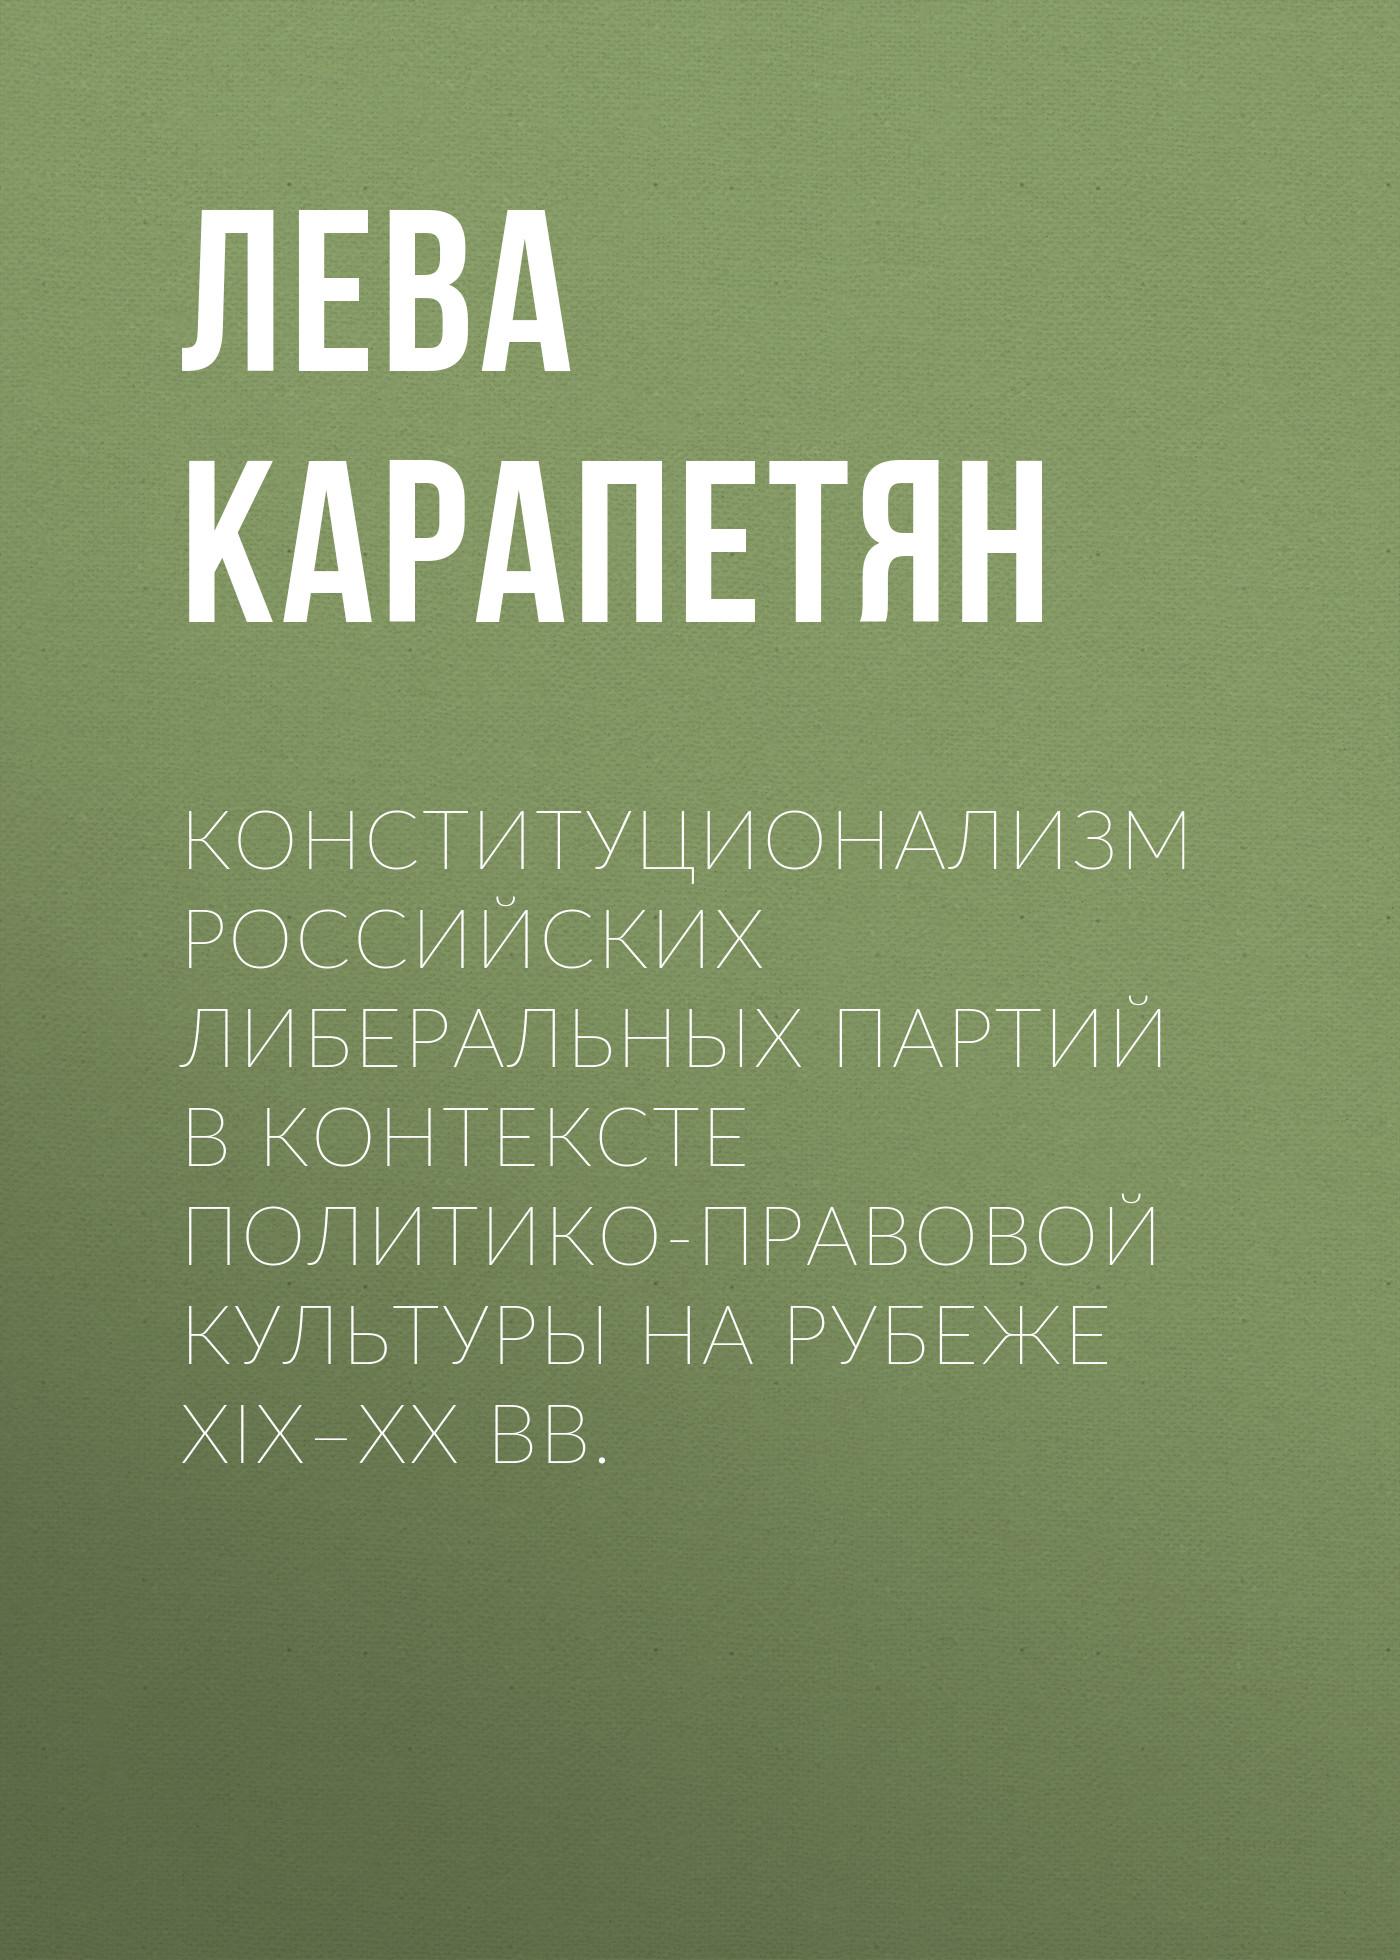 Лева Карапетян Конституционализм российских либеральных партий в контексте политико-правовой культуры на рубеже XIX–XX вв.